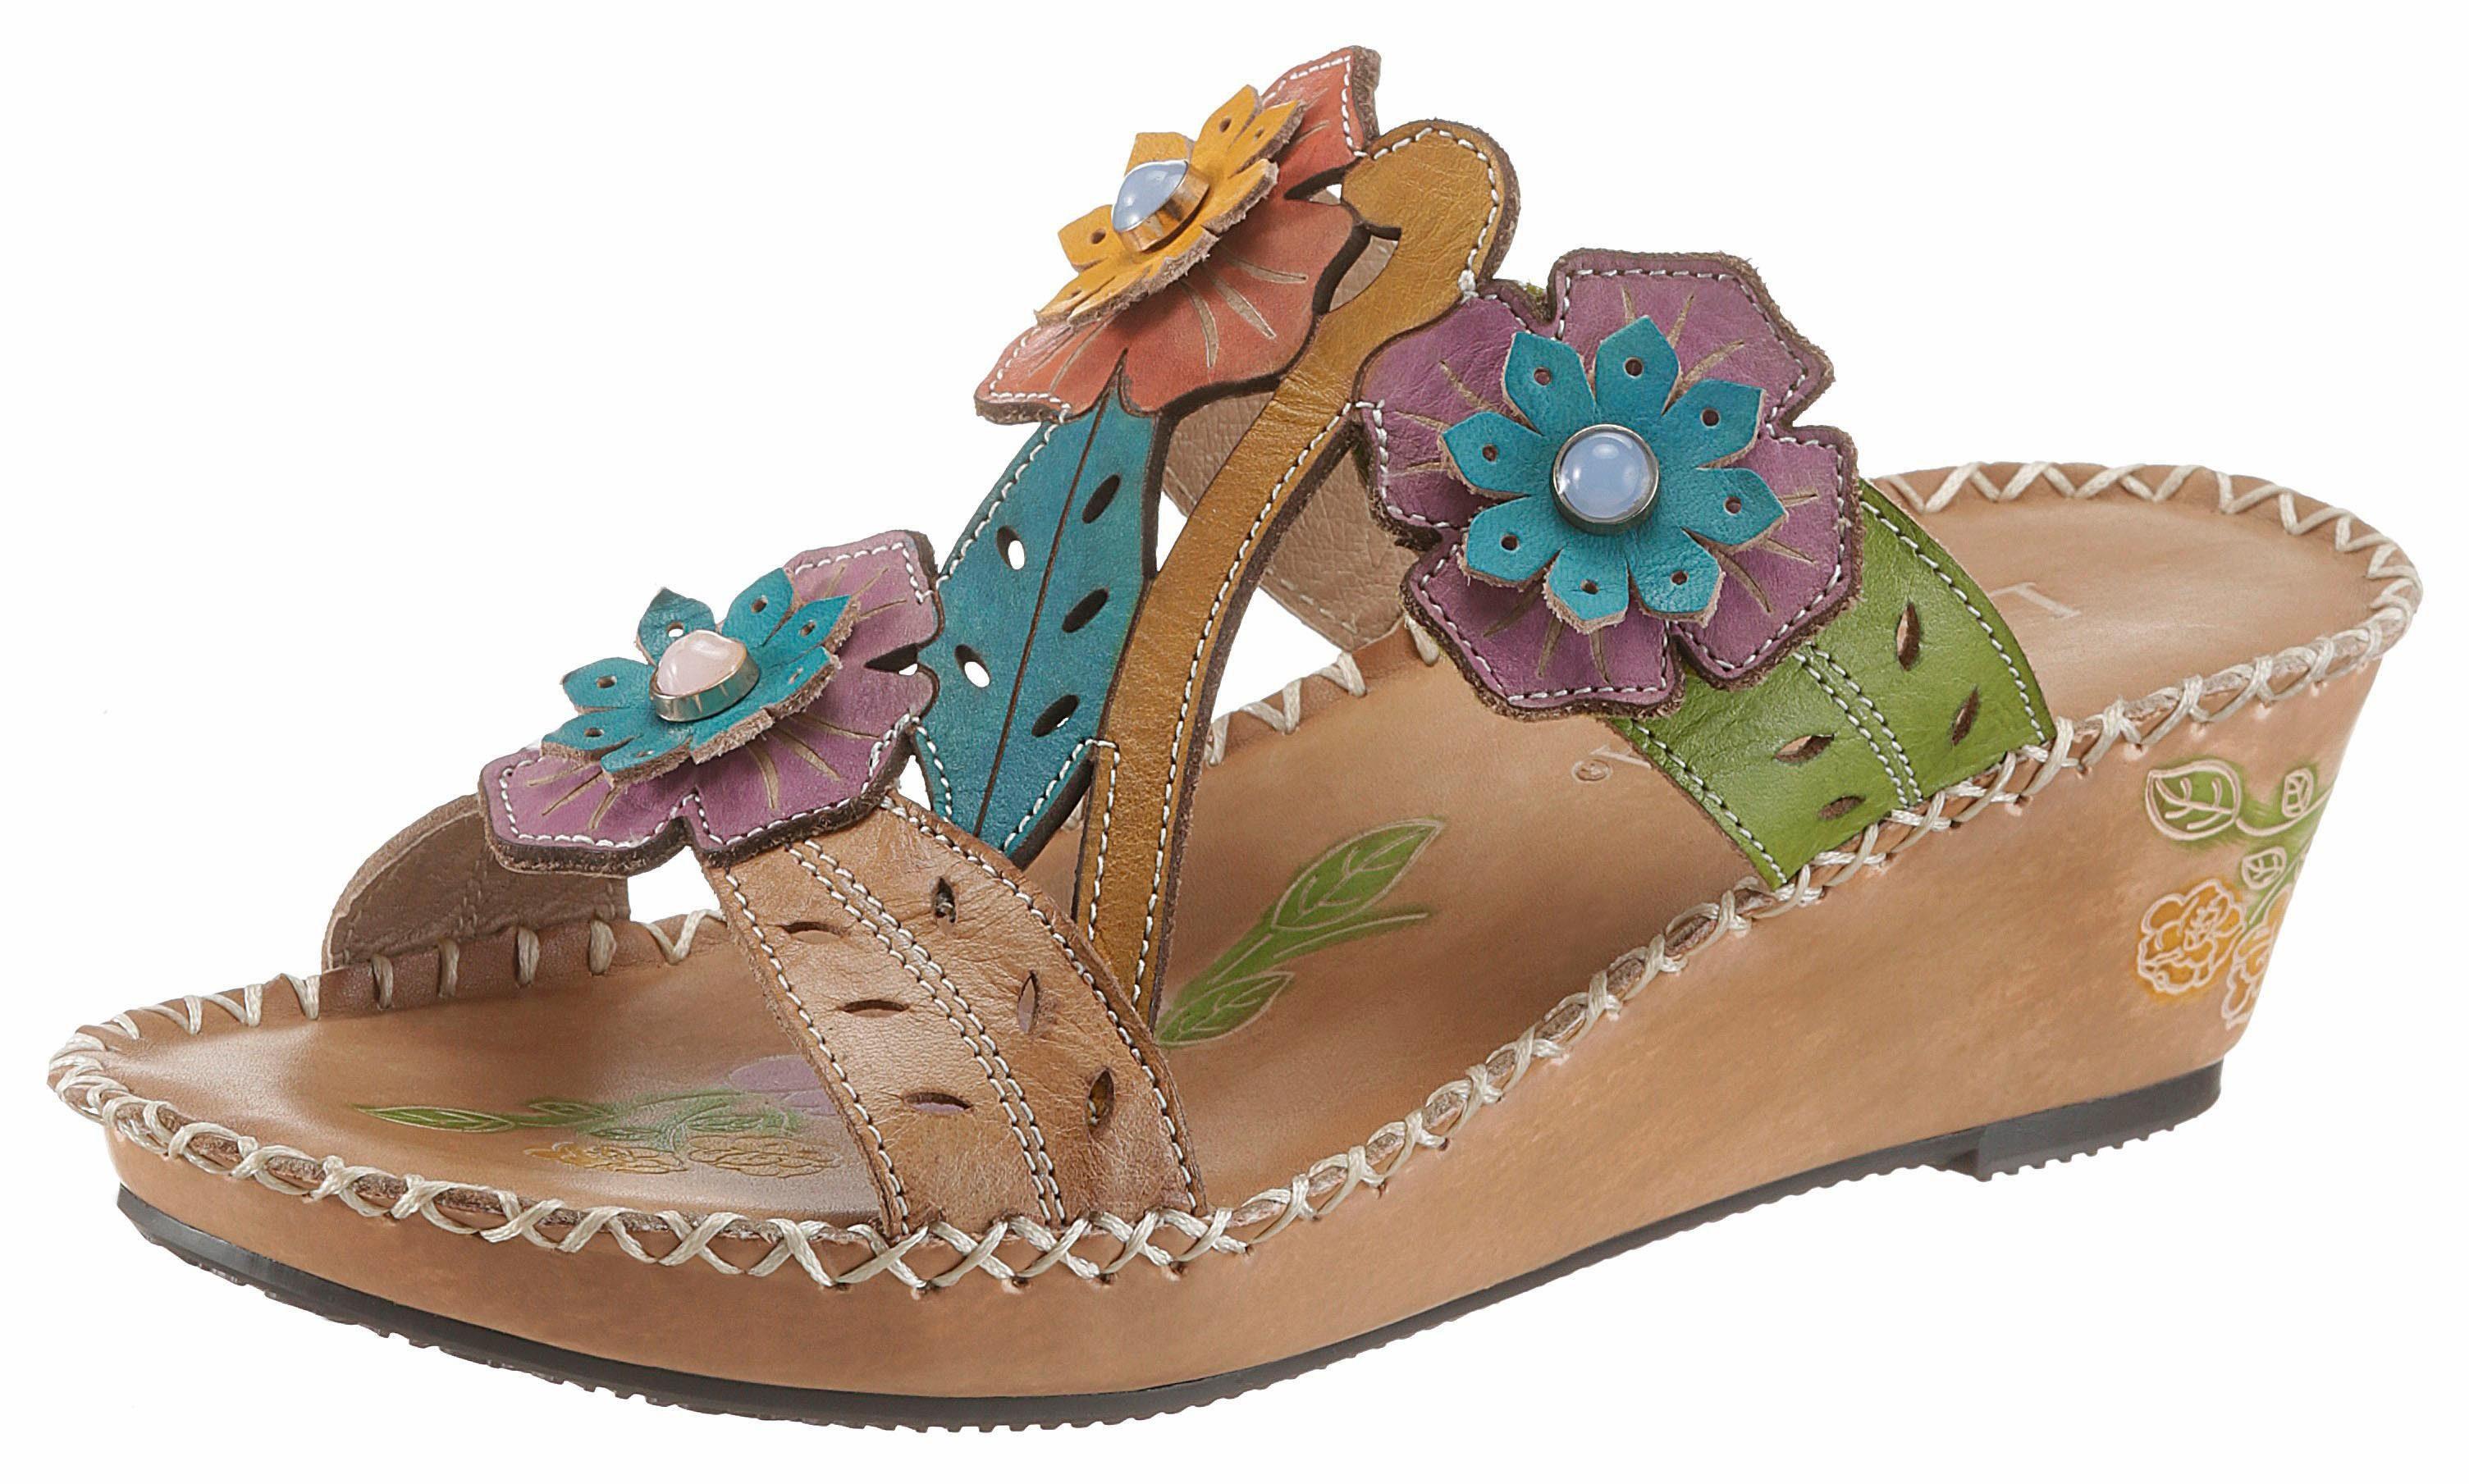 LAURA VITA »Betsy« Pantolette, mit bunten Blüten, bunt, EURO-Größen, beige-bunt